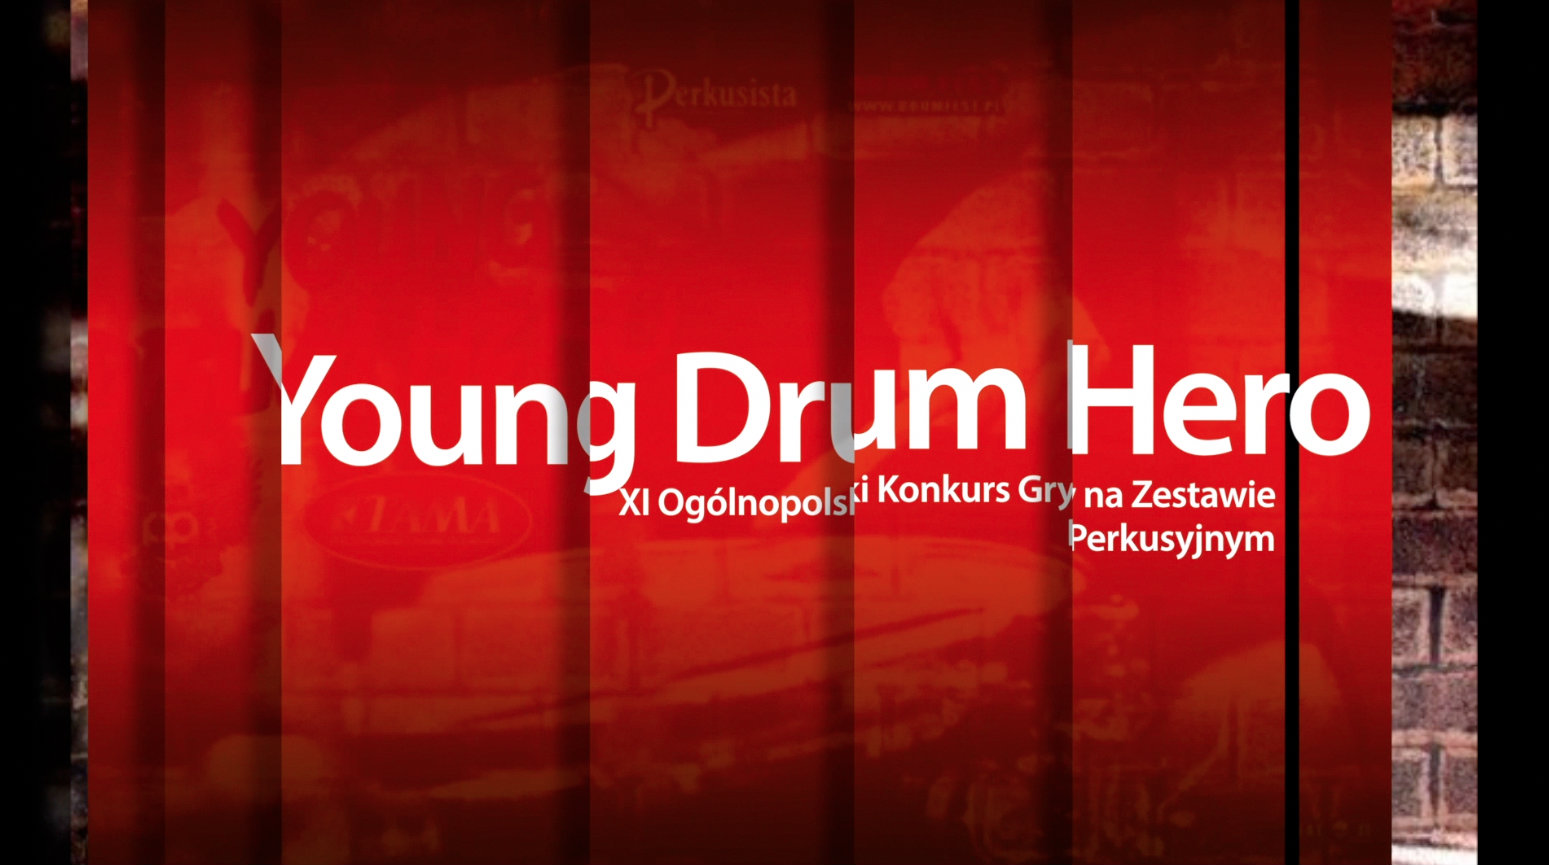 Young Drum Hero 2014, Pt. 2